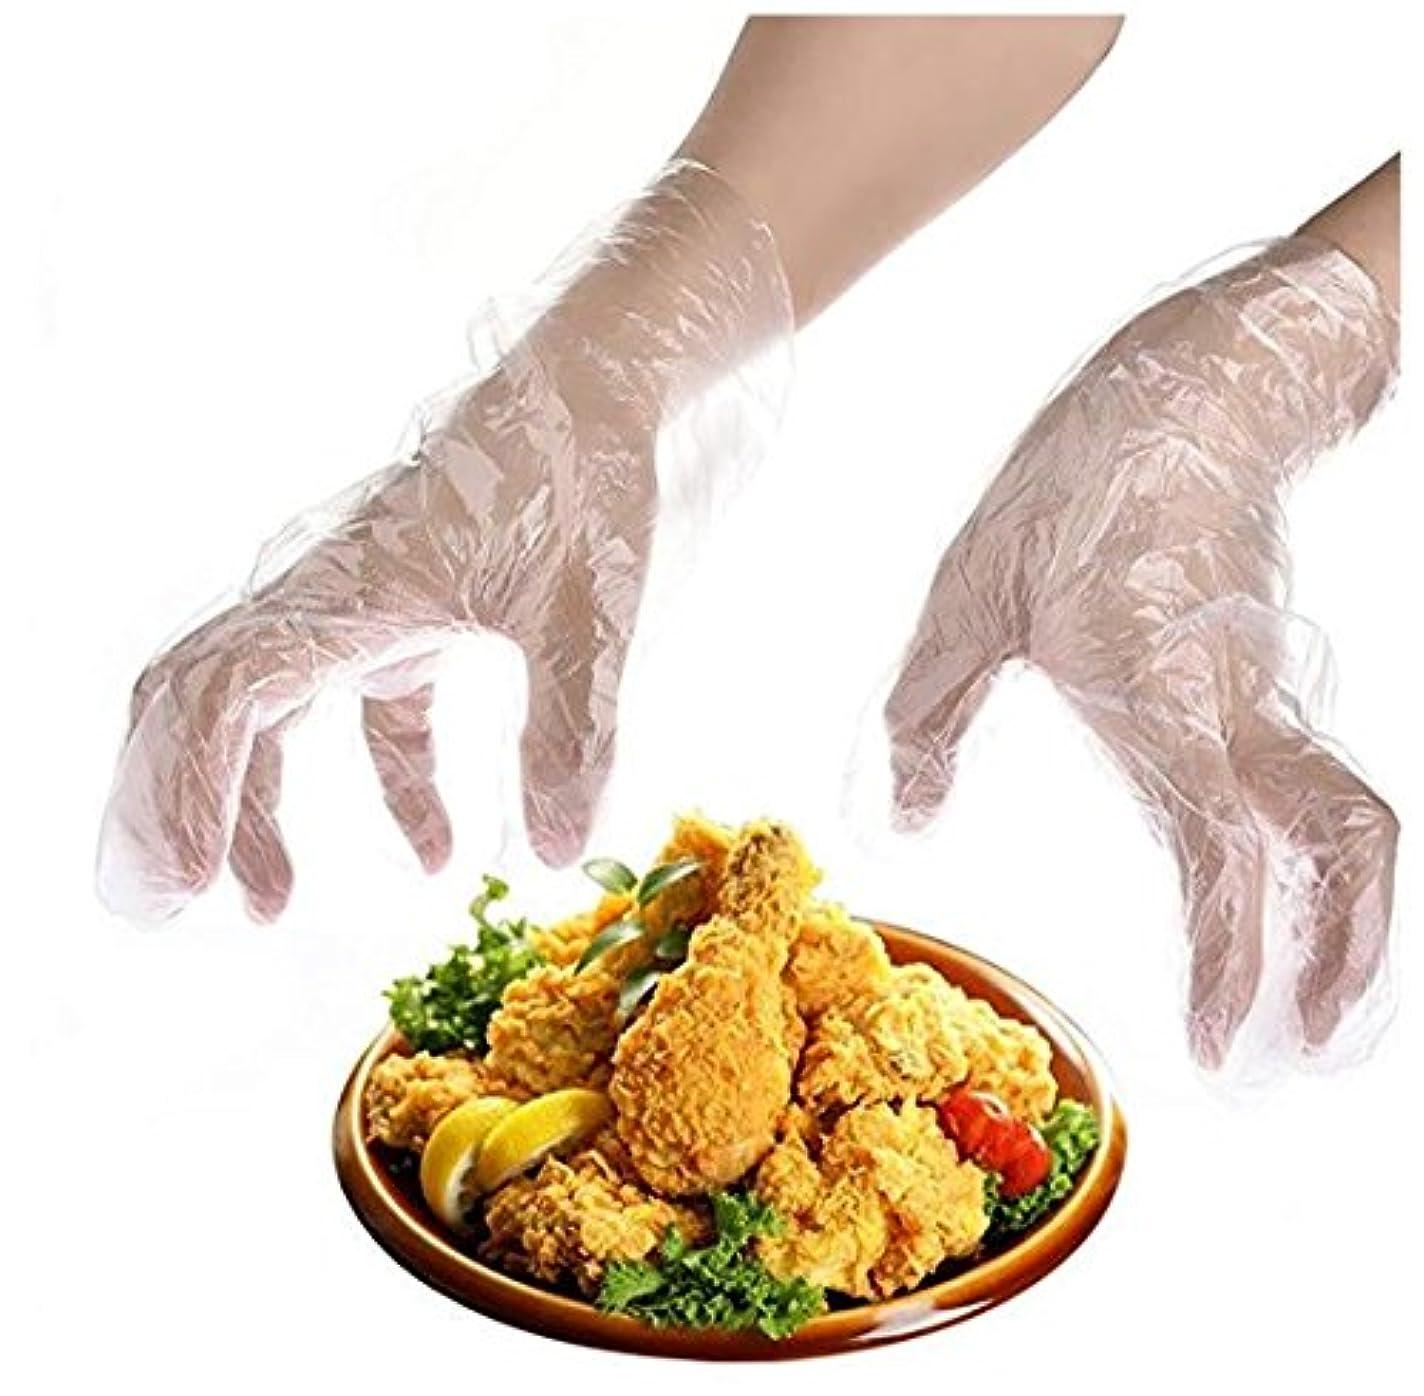 軍テーブル八百屋さんHeyuni.使い捨て手袋 極薄ビニール手袋 ポリエチレン 透明 実用 衛生 100枚